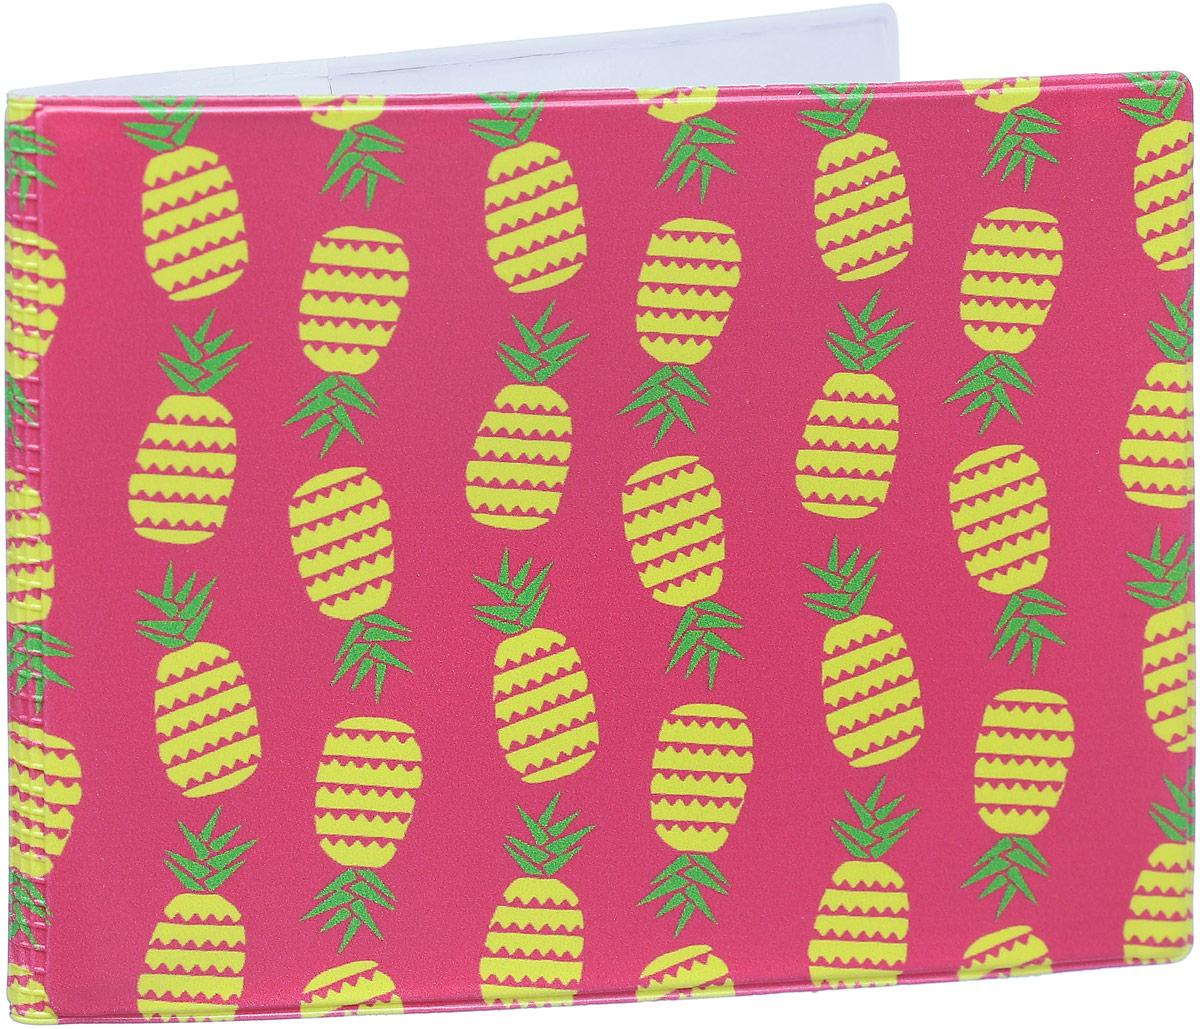 Обложка для студенческого билета Kawaii Factory Ананасы, цвет: розовый. KW067-000076AQYHA03387-KRP0Оригинальная обложка для студенческого билета Kawaii Factory Ананасы выполнена из натуральной кожи и оформлена оригинальным принтом.Внутри размещены два кармашка из ПВХ.Стильная обложка для студенческого билета поможет сохранить внешний вид ваших документов, а также станет стильным аксессуаром, идеально подходящим к вашему образу.